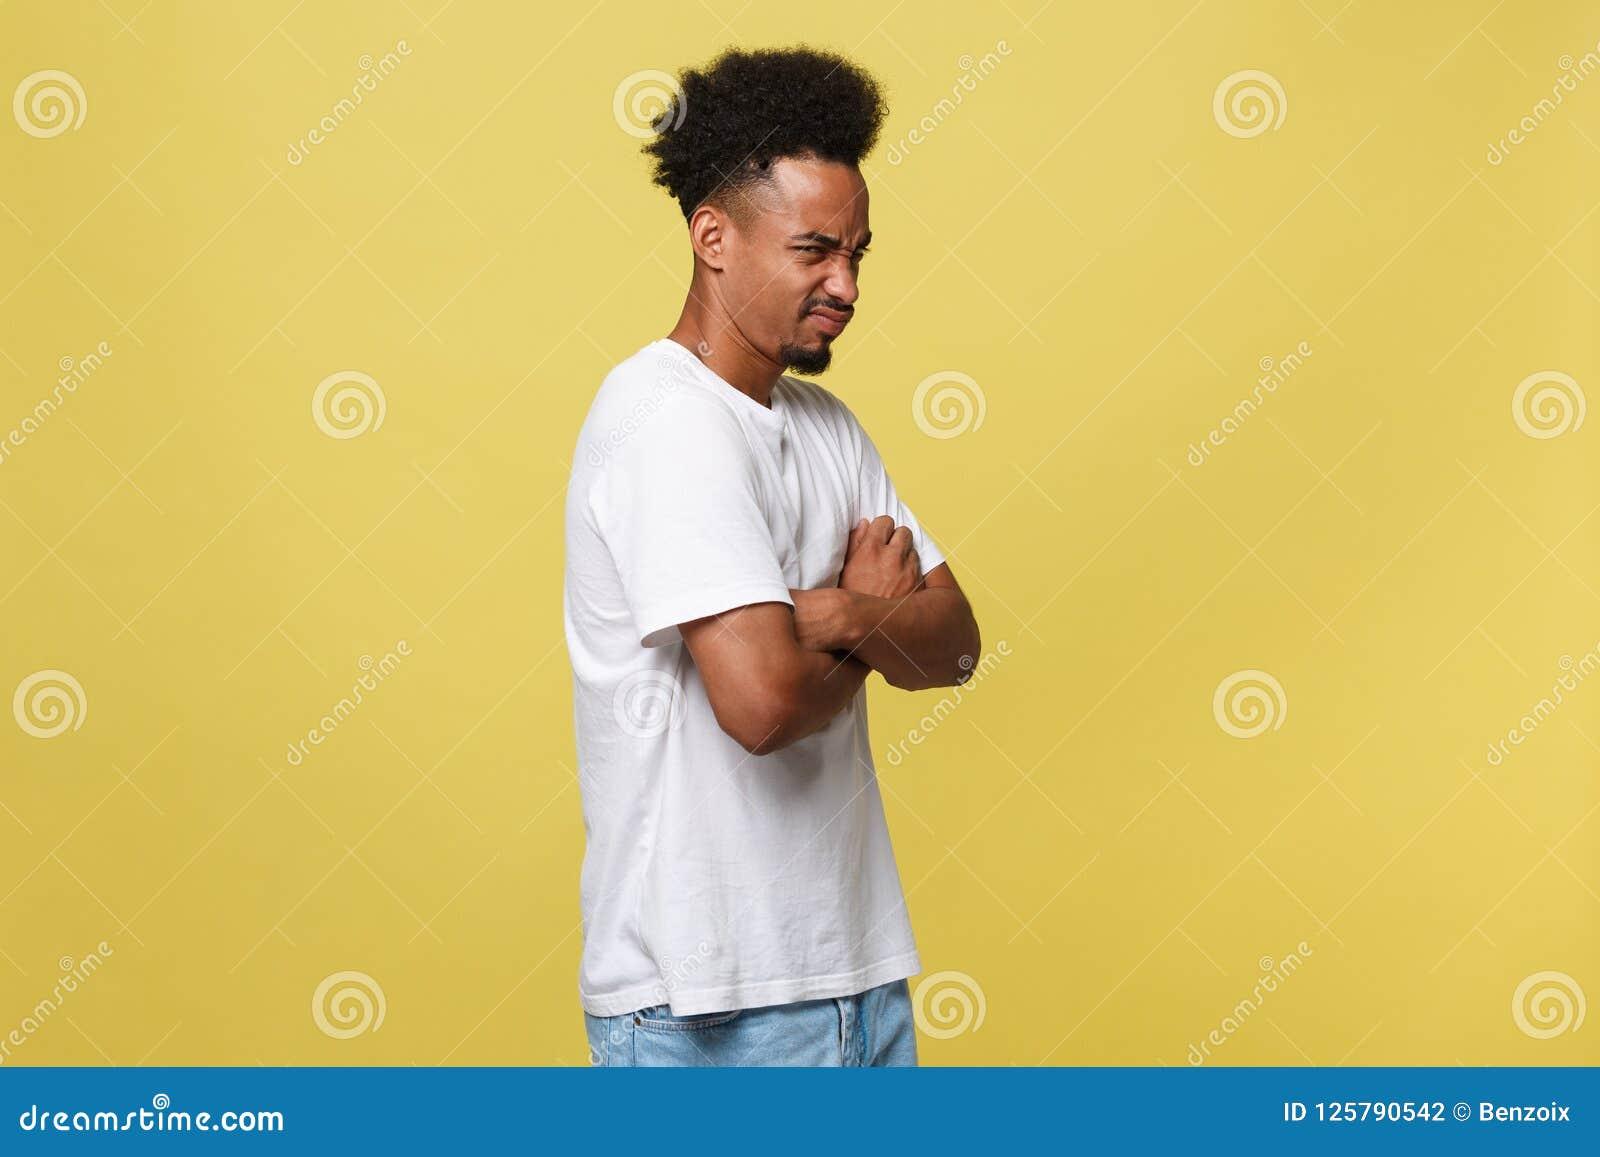 Menselijk gelaatsuitdrukkingen, emoties en gevoel Portret van gek boos jong donker-gevild terloops gekleed mannetje